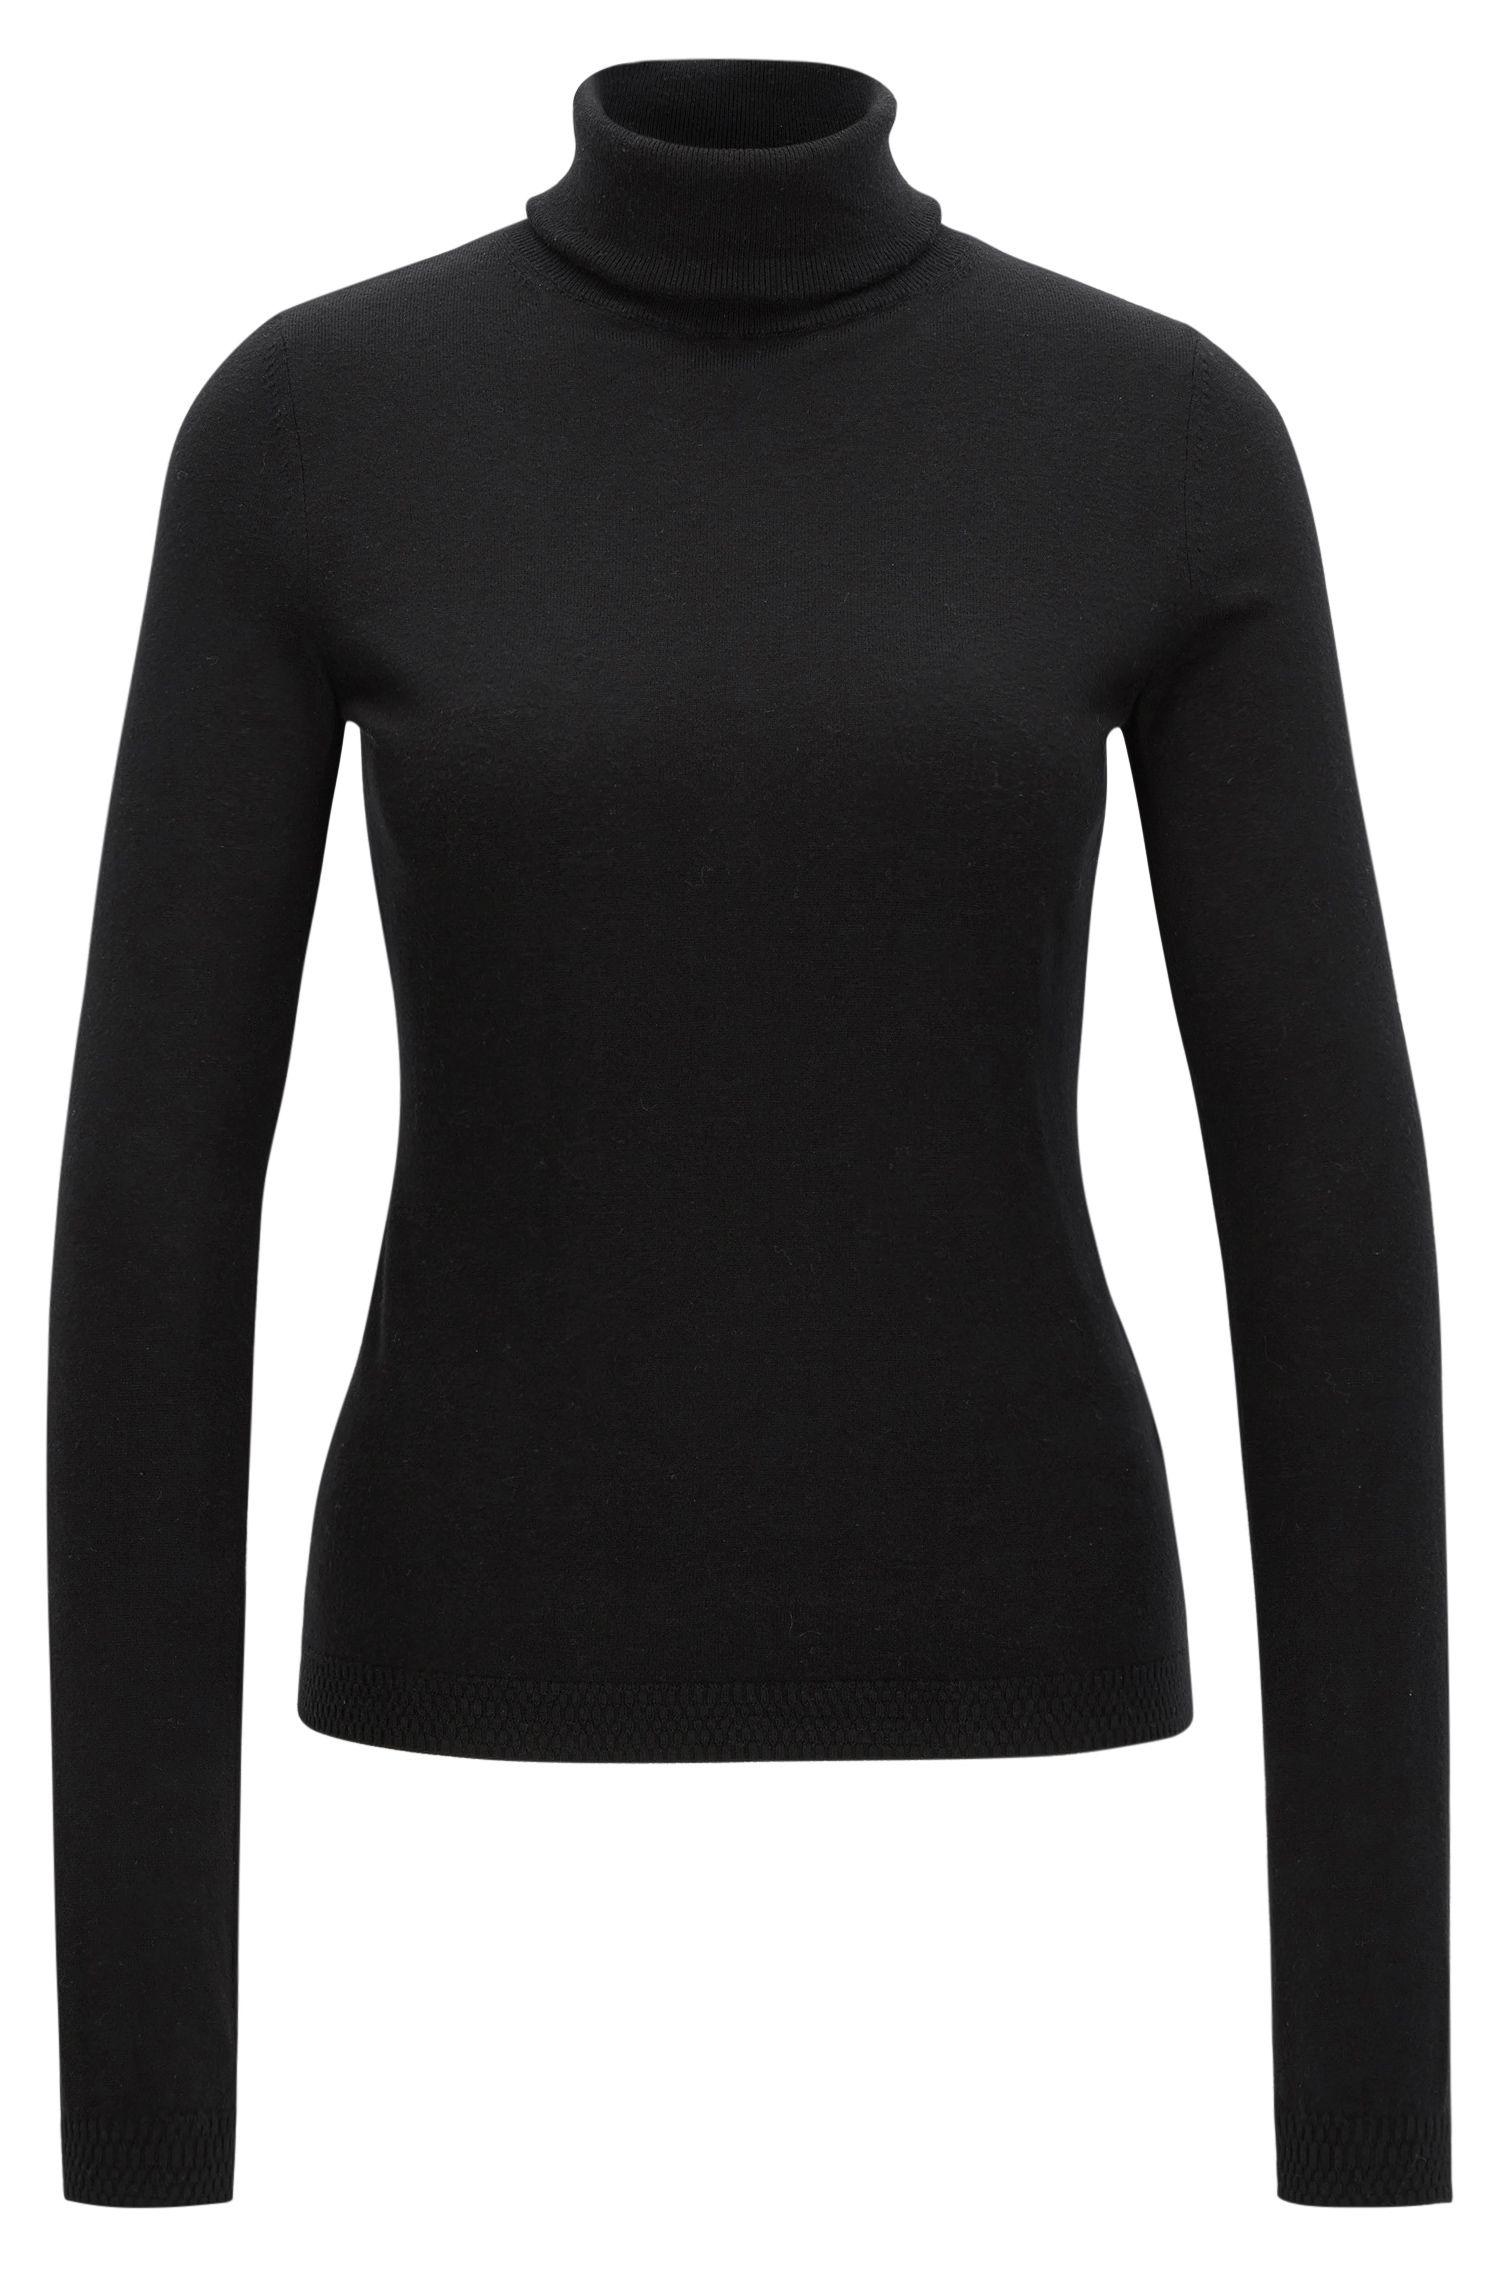 Jersey slim fit en mezcla de algodón con seda